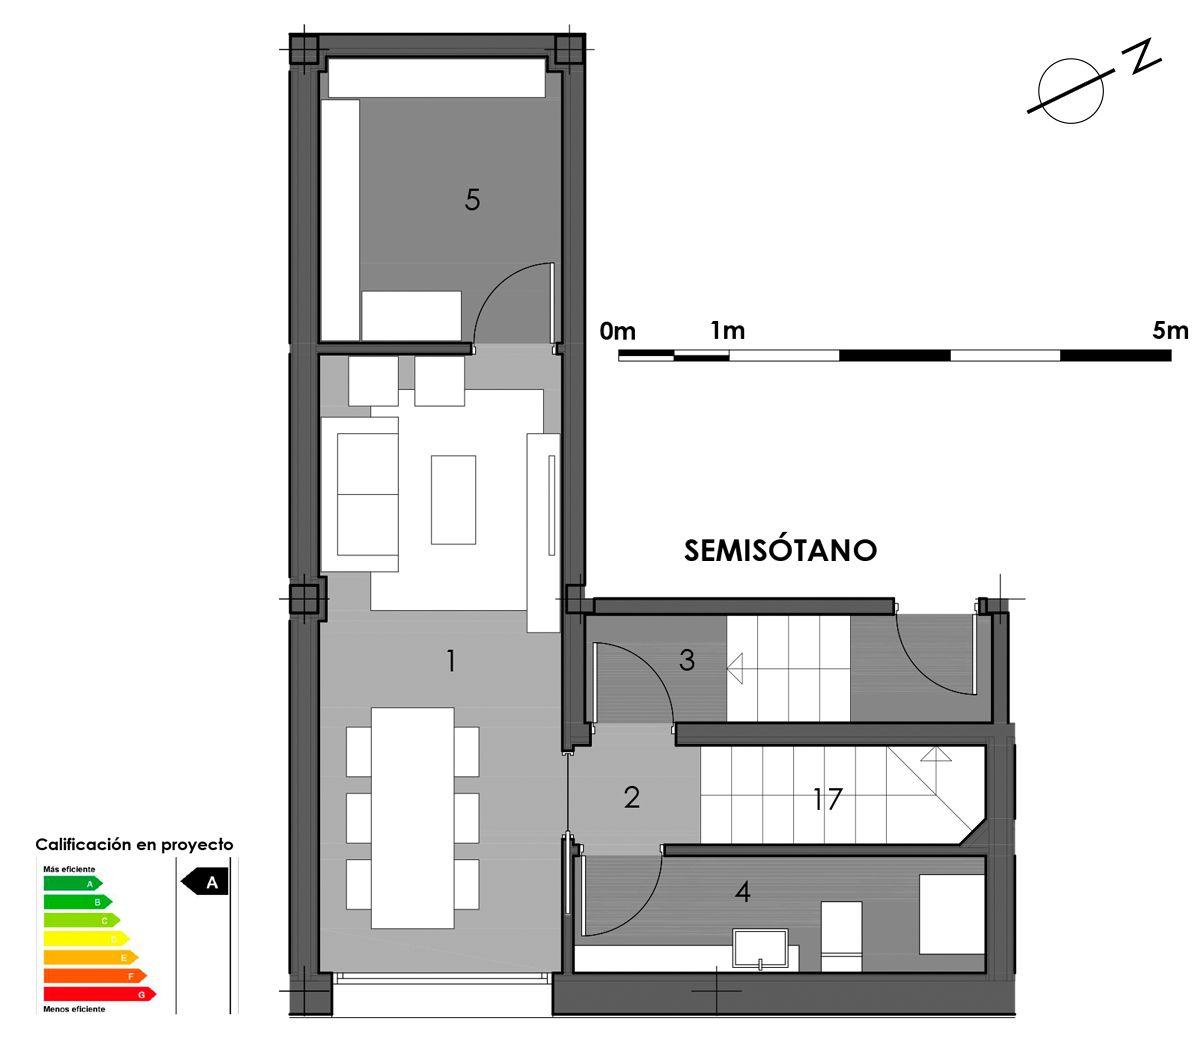 plano semisótano vivienda 6 con opción aseo en bodega